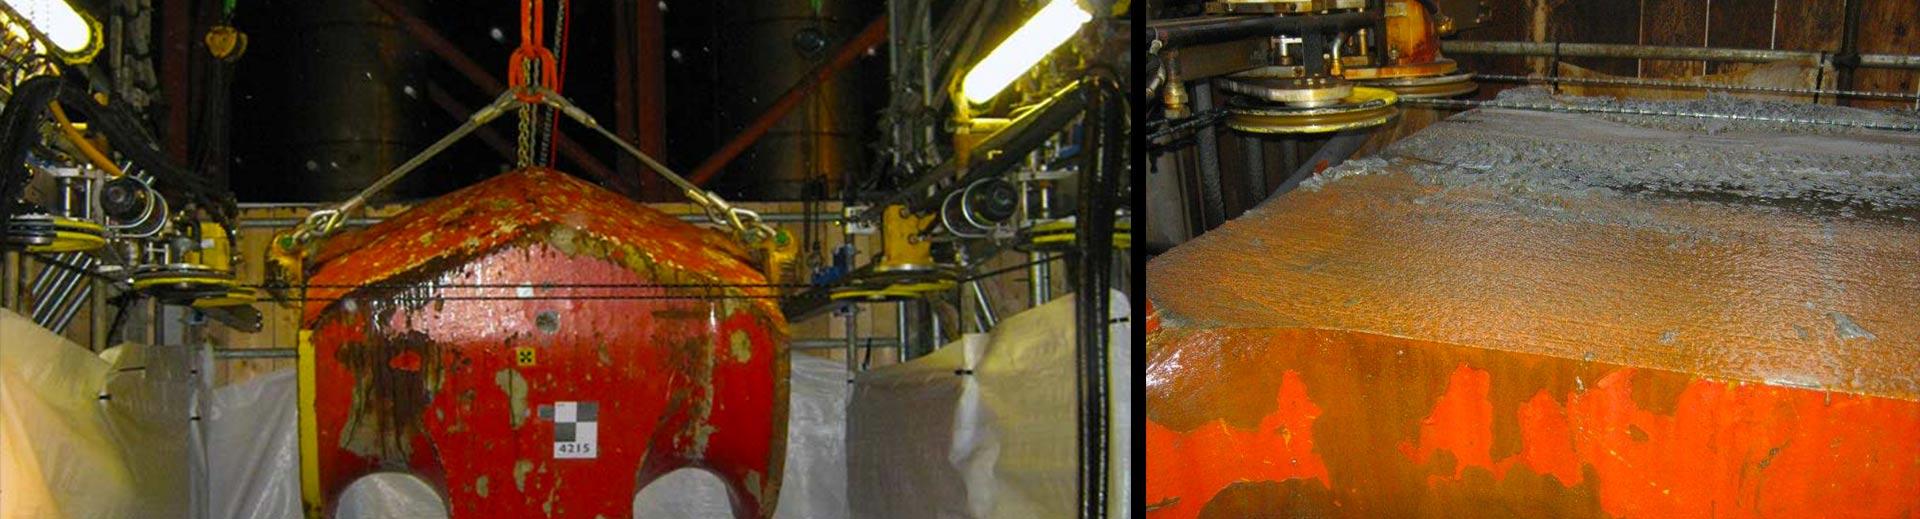 DWCM Diamond Wire Cutting Machine cutting solid steel pad eye